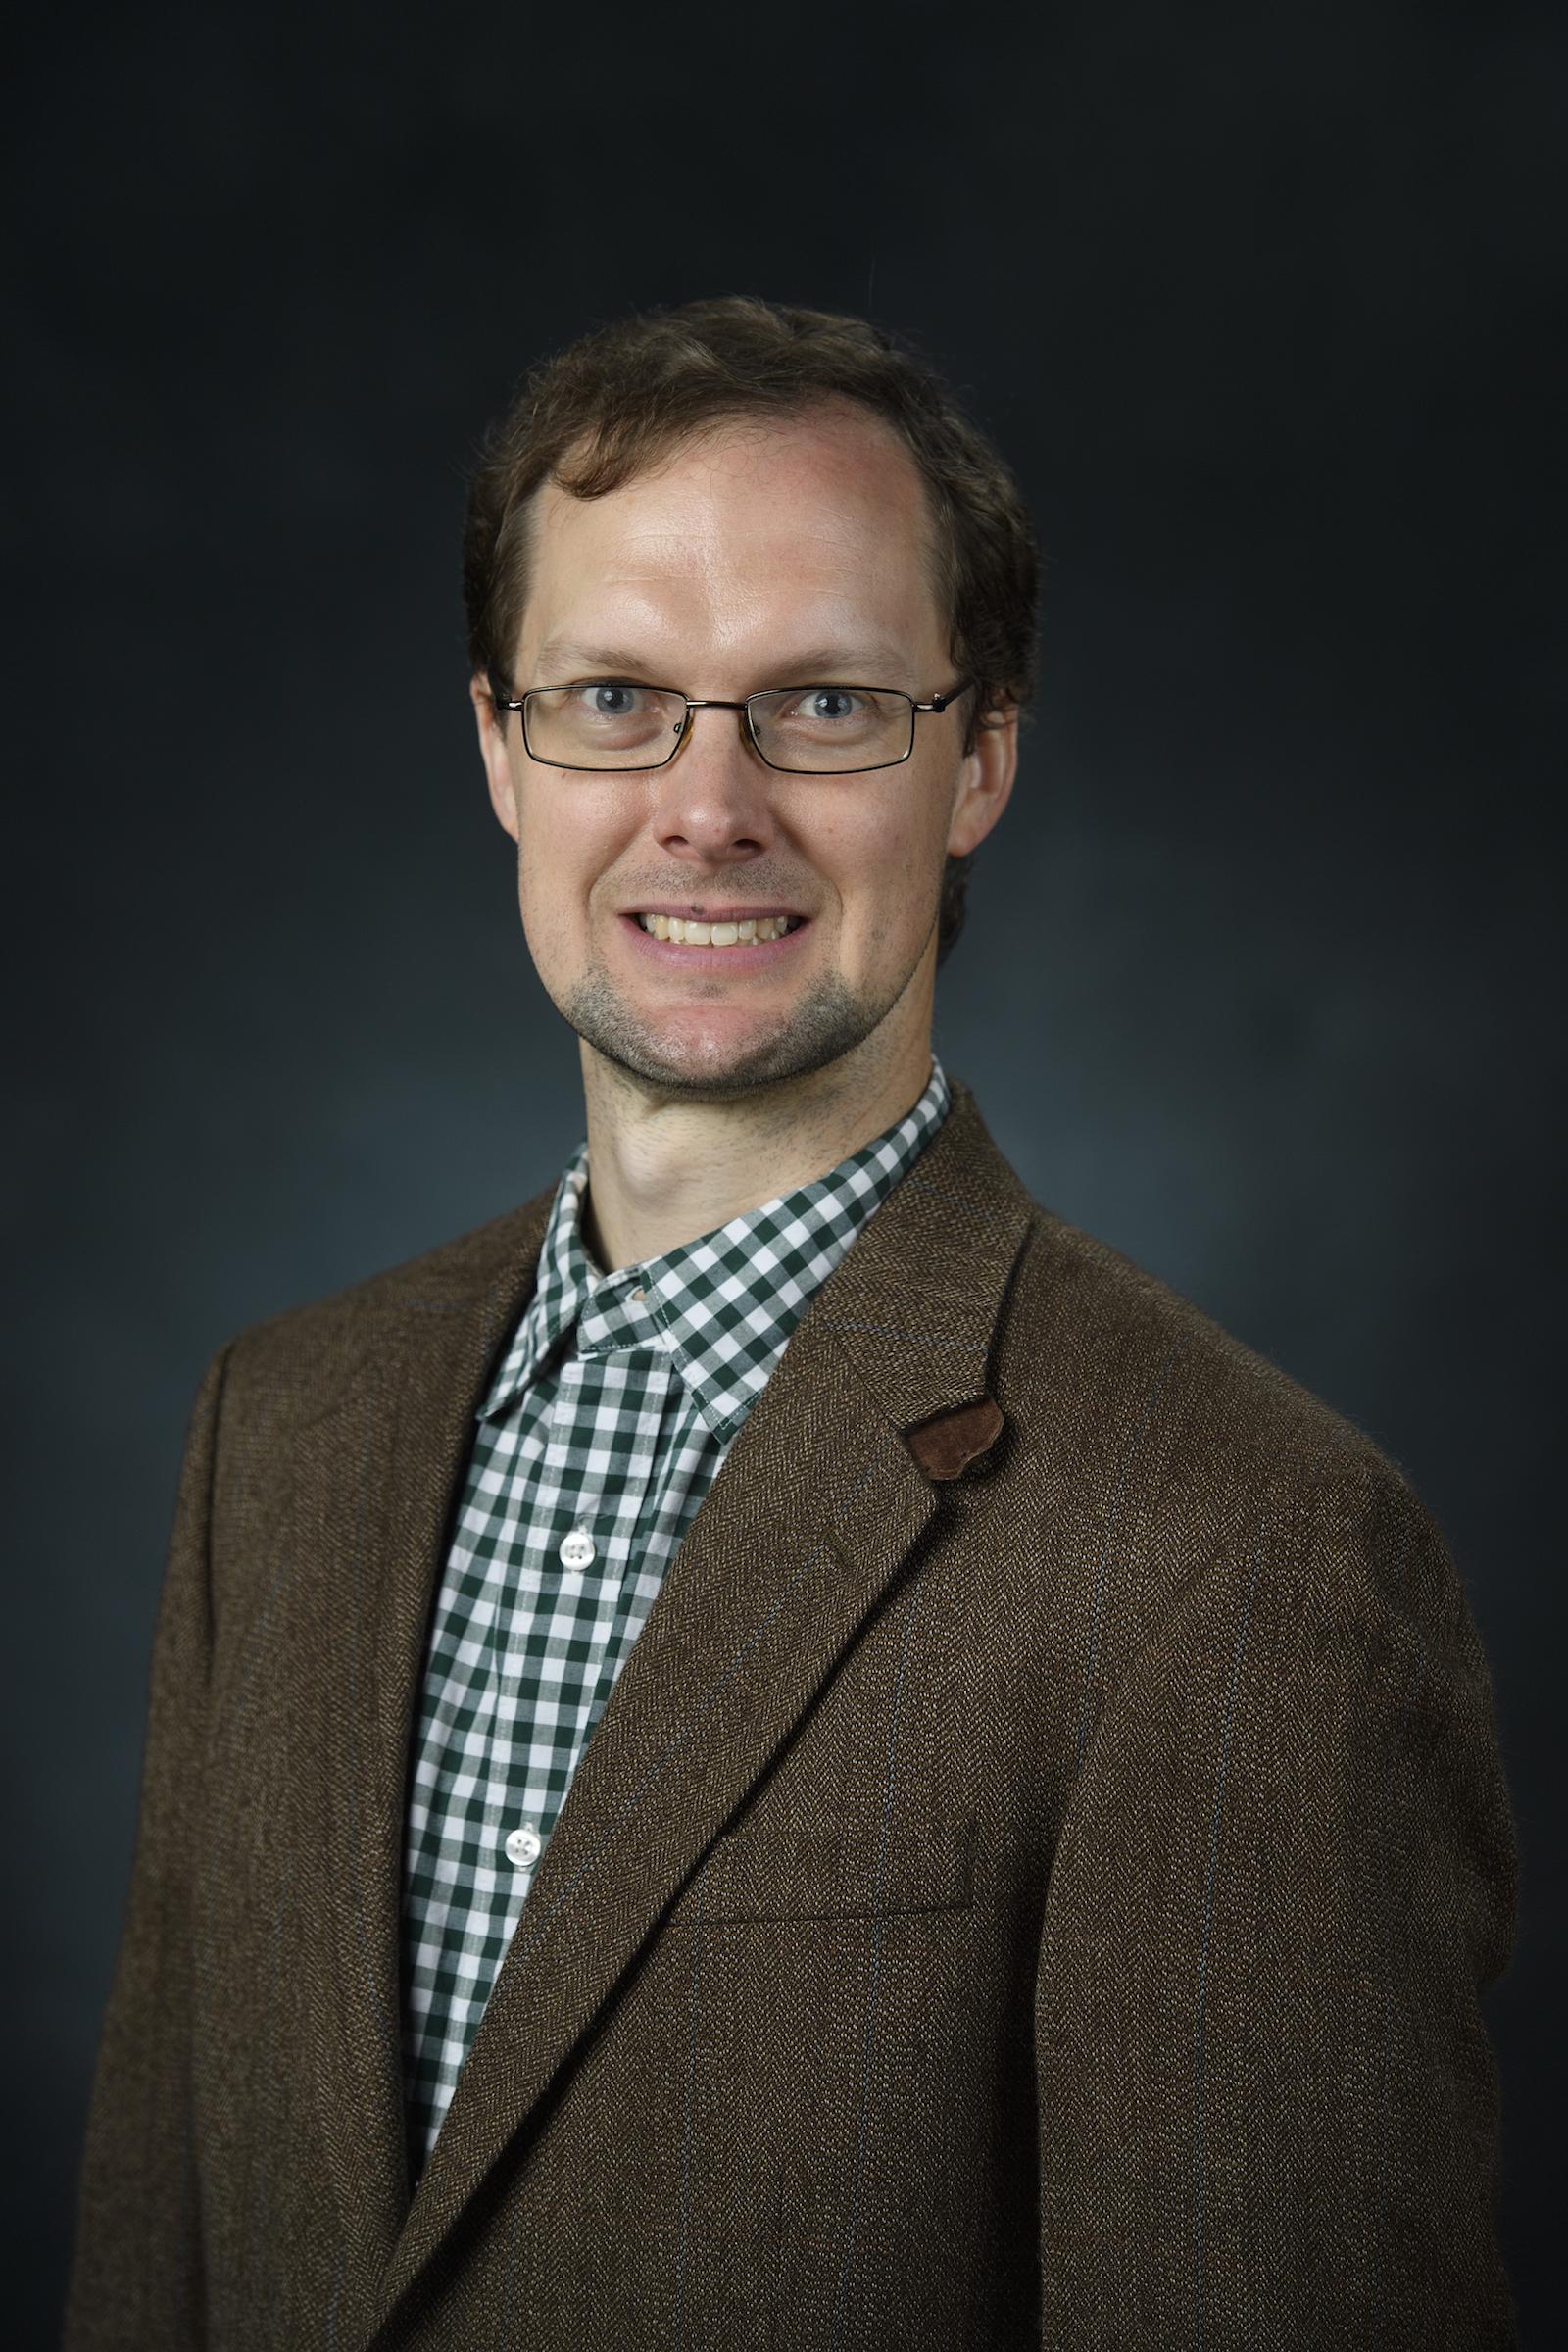 Ryan Fortenberry